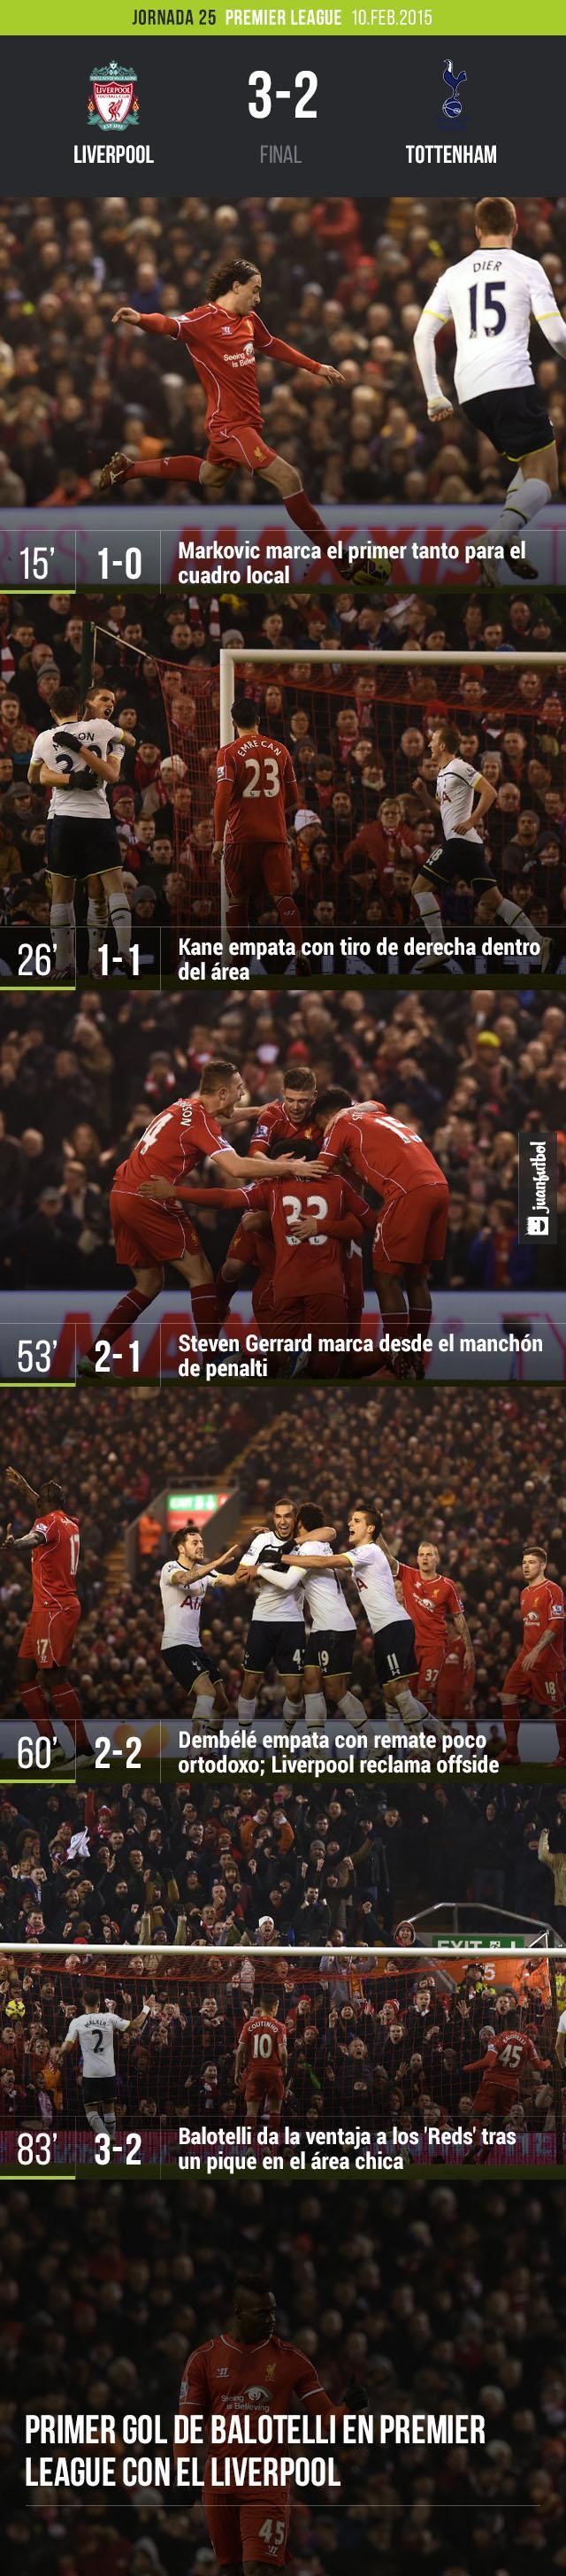 Liverpool venció a Tottenham en un partido apretado que fue definido gracias a un tanto de Mario Balotelli